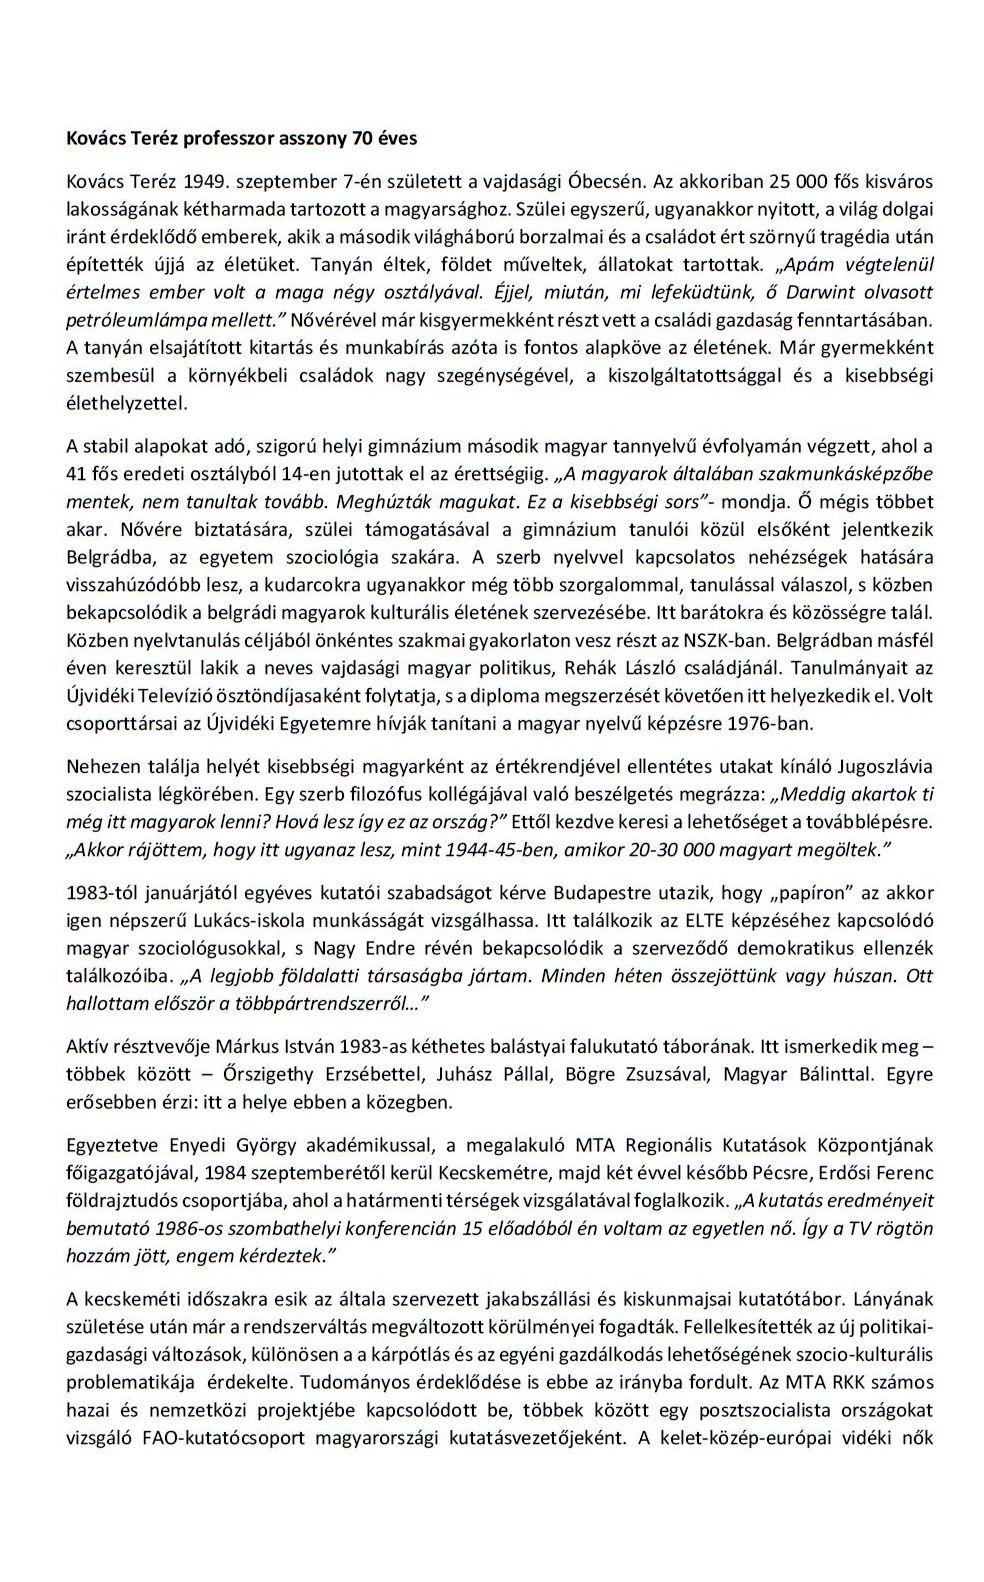 plastenka.hu - Ahol az állam és az állampolgár találkozik